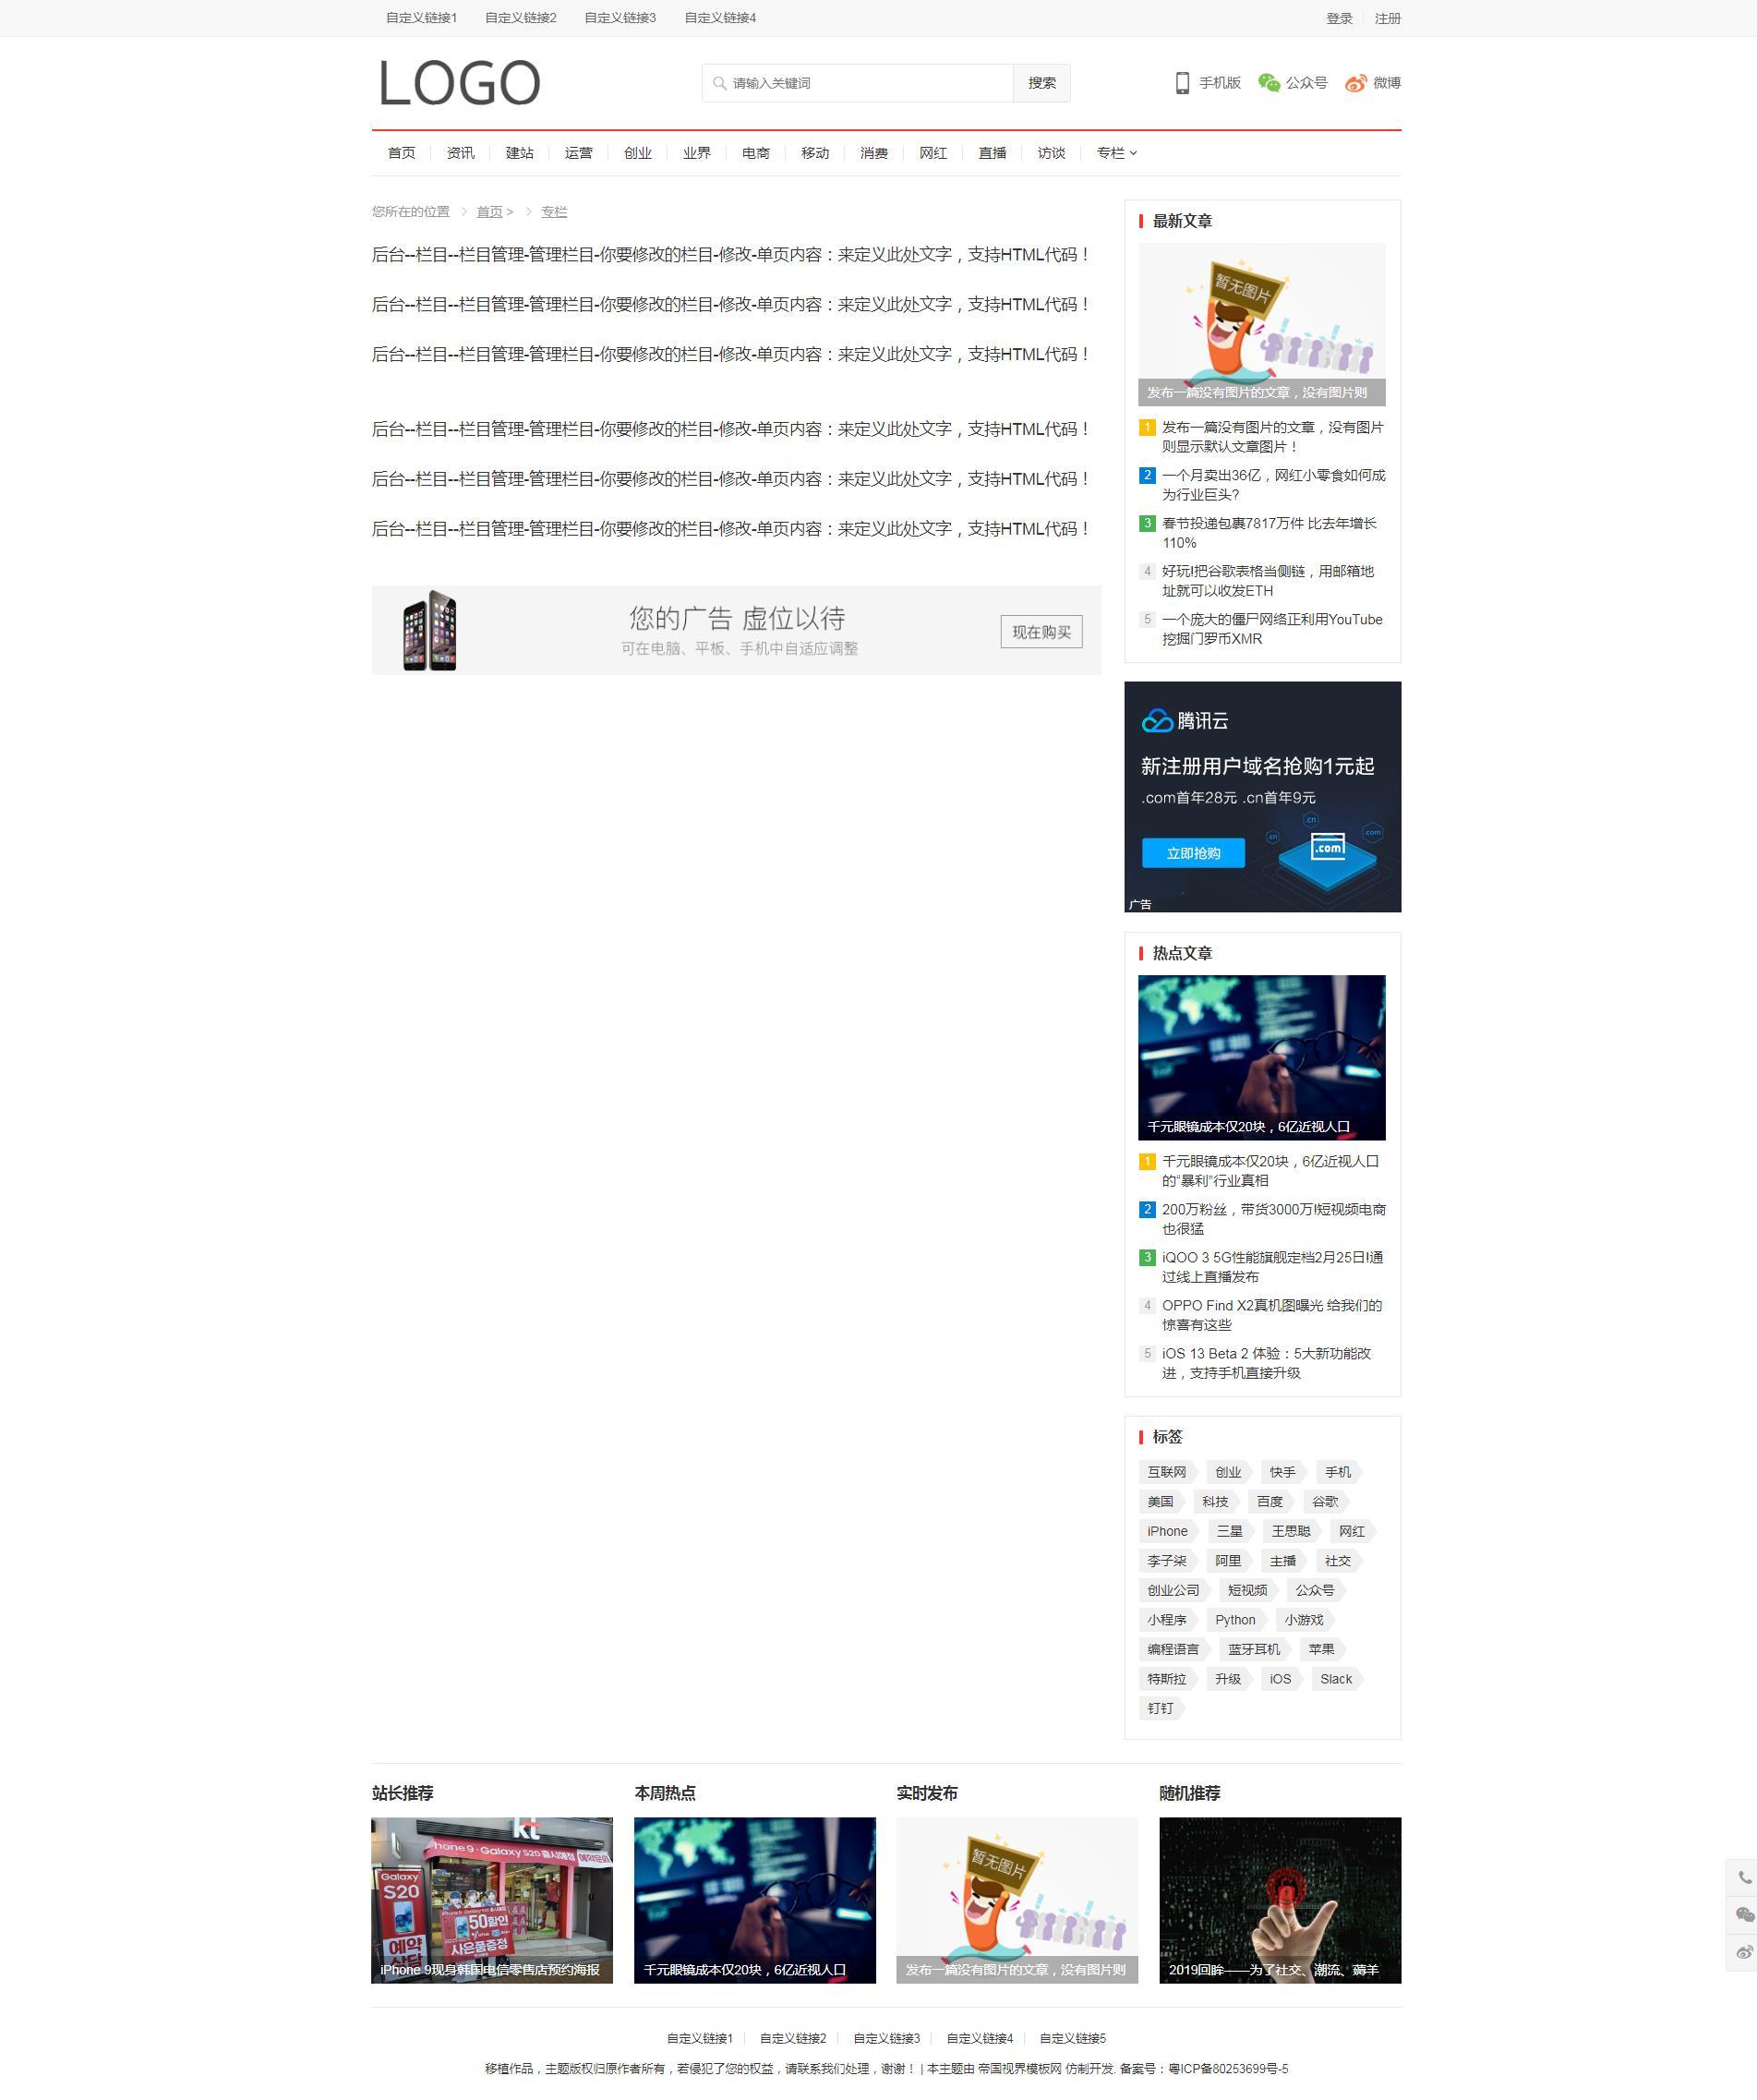 网站单页.jpg [DG-063]帝国CMS自适应高端自媒体博客文章资讯模板(带会员中心) 新闻资讯 第4张